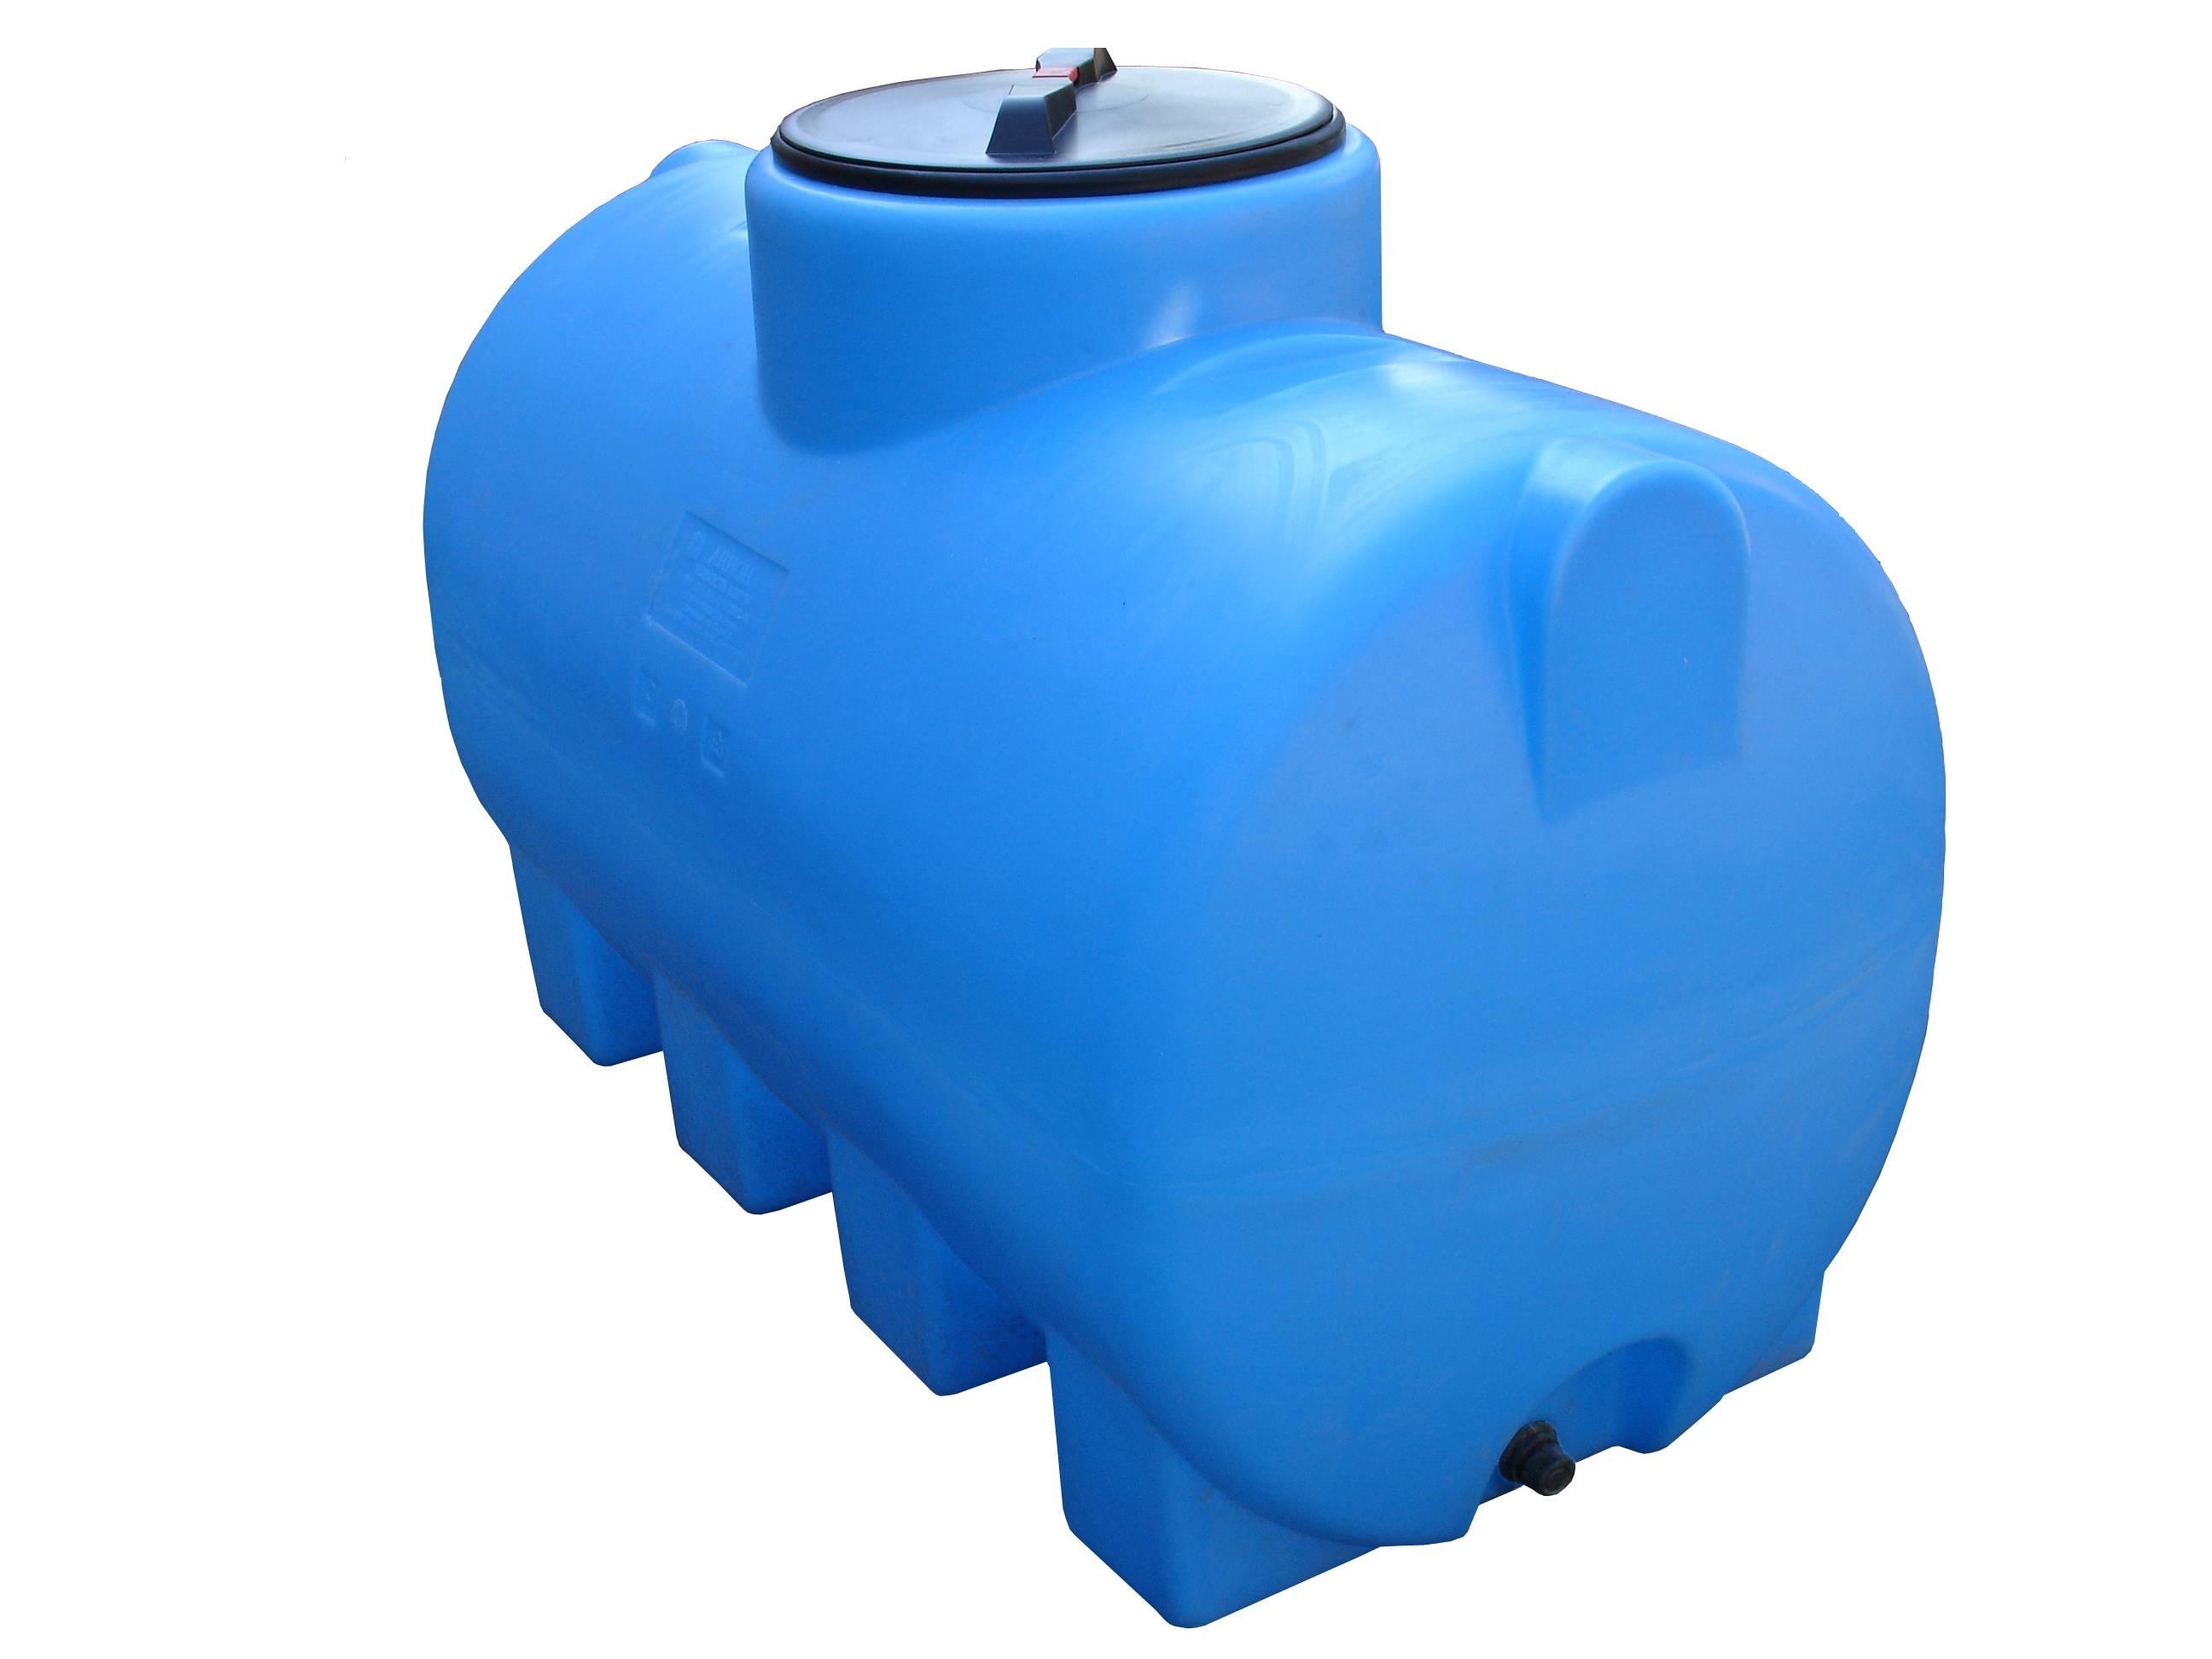 Вертикальные емкости для воды пластиковые.